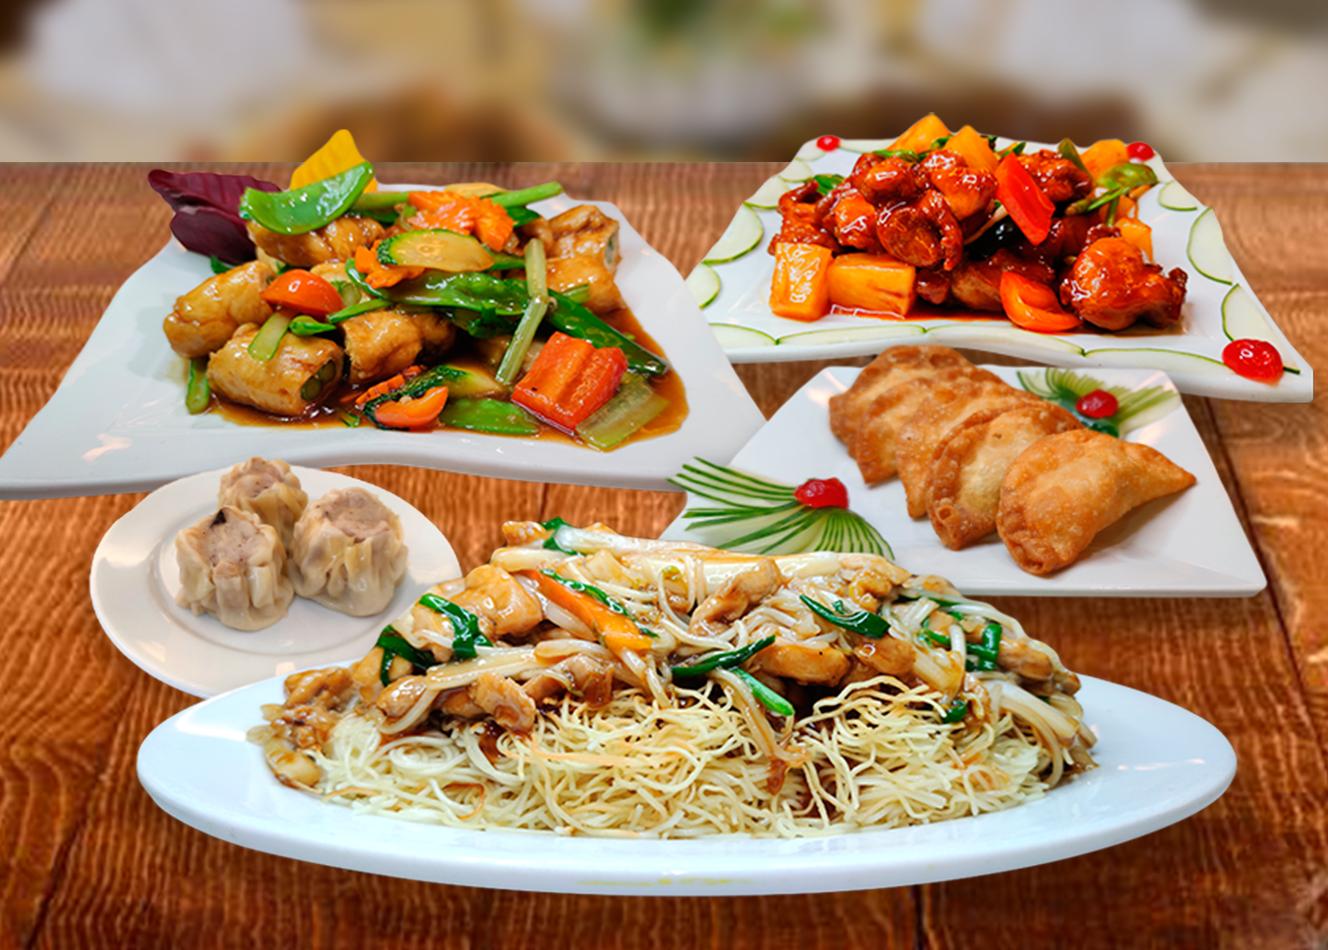 ** Para 4-5 personas **  - 04 Siu Kay Frito  - 04 Siu May  - Pollo con Piña  - Pollo enrollado con espárragos  - Tallarin de pollo  -Arroz chaufa especial